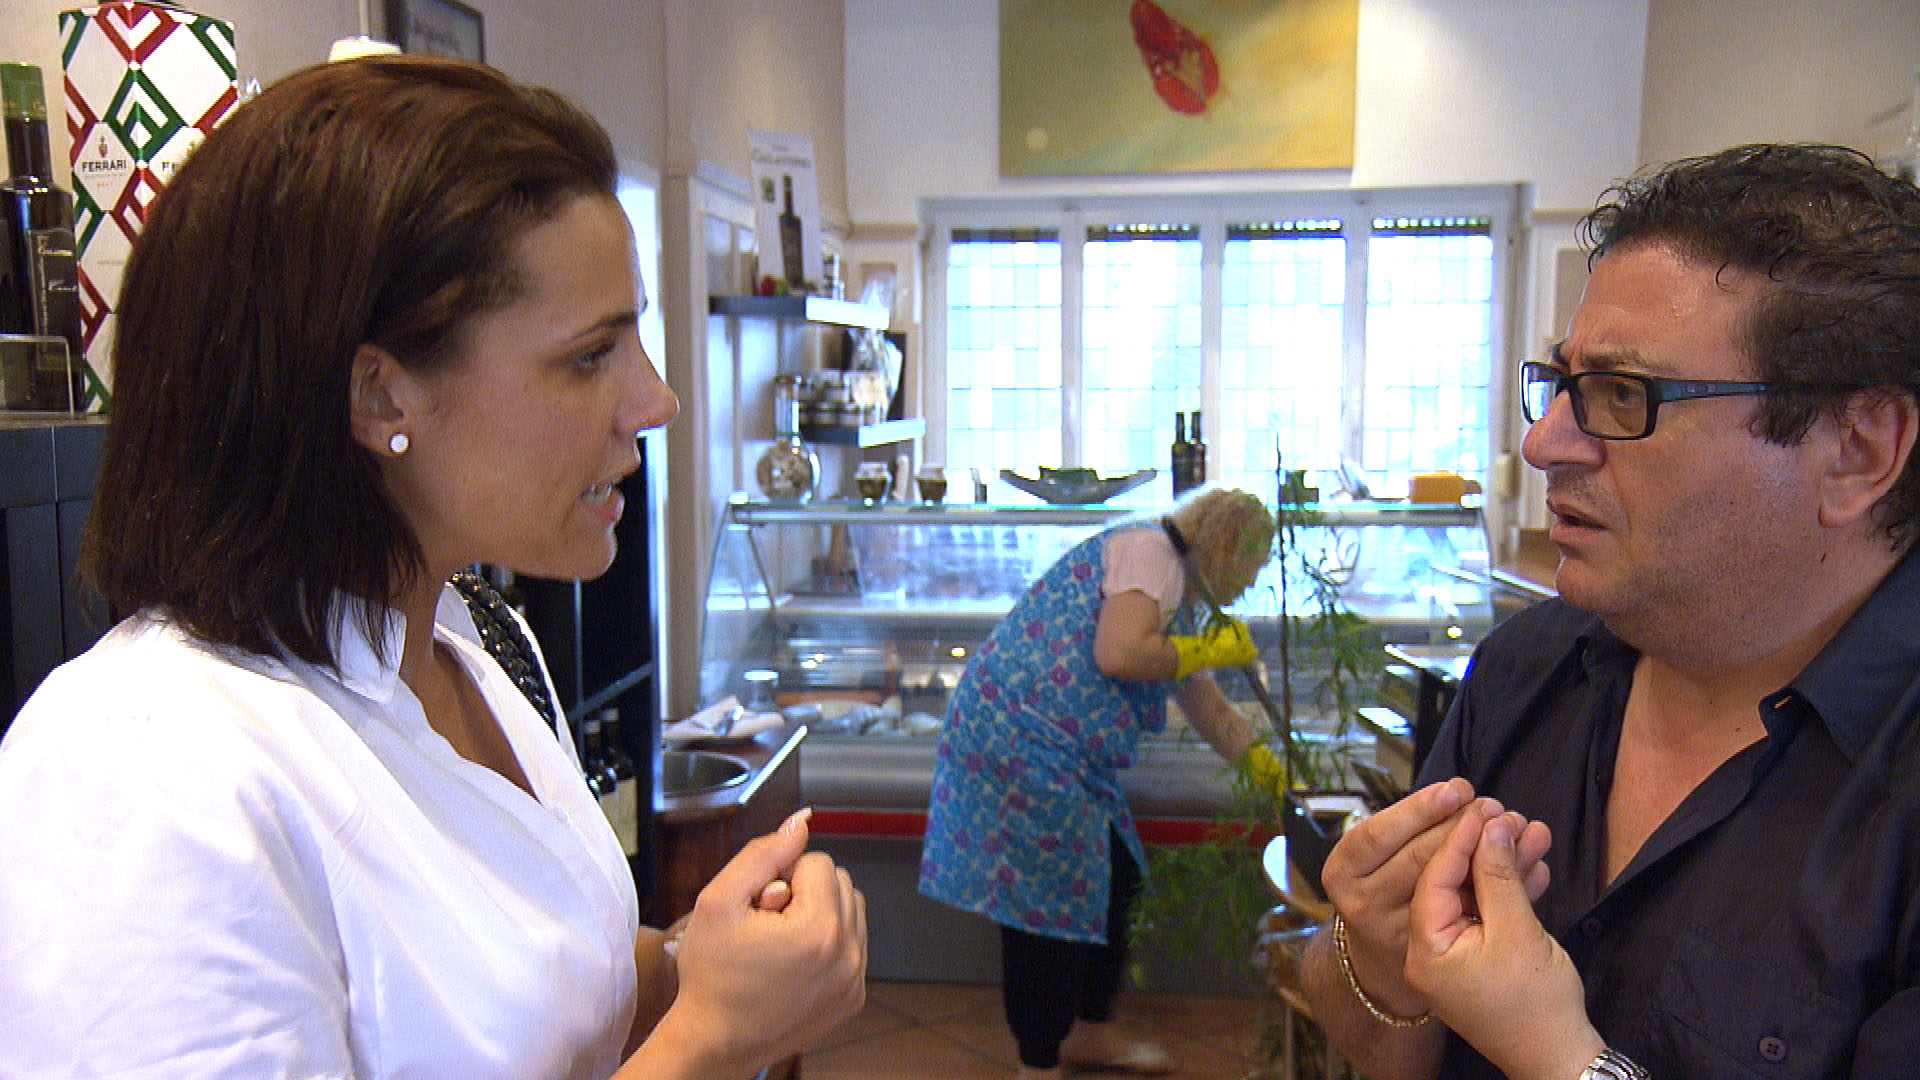 Als Francesco (re.) aus der Reha zurückkehrt, hat Sophia (li.) große Mühe, ihn mit den vielen Änderungen im Restaurant vertraut zu machen. (Quelle: RTL 2)